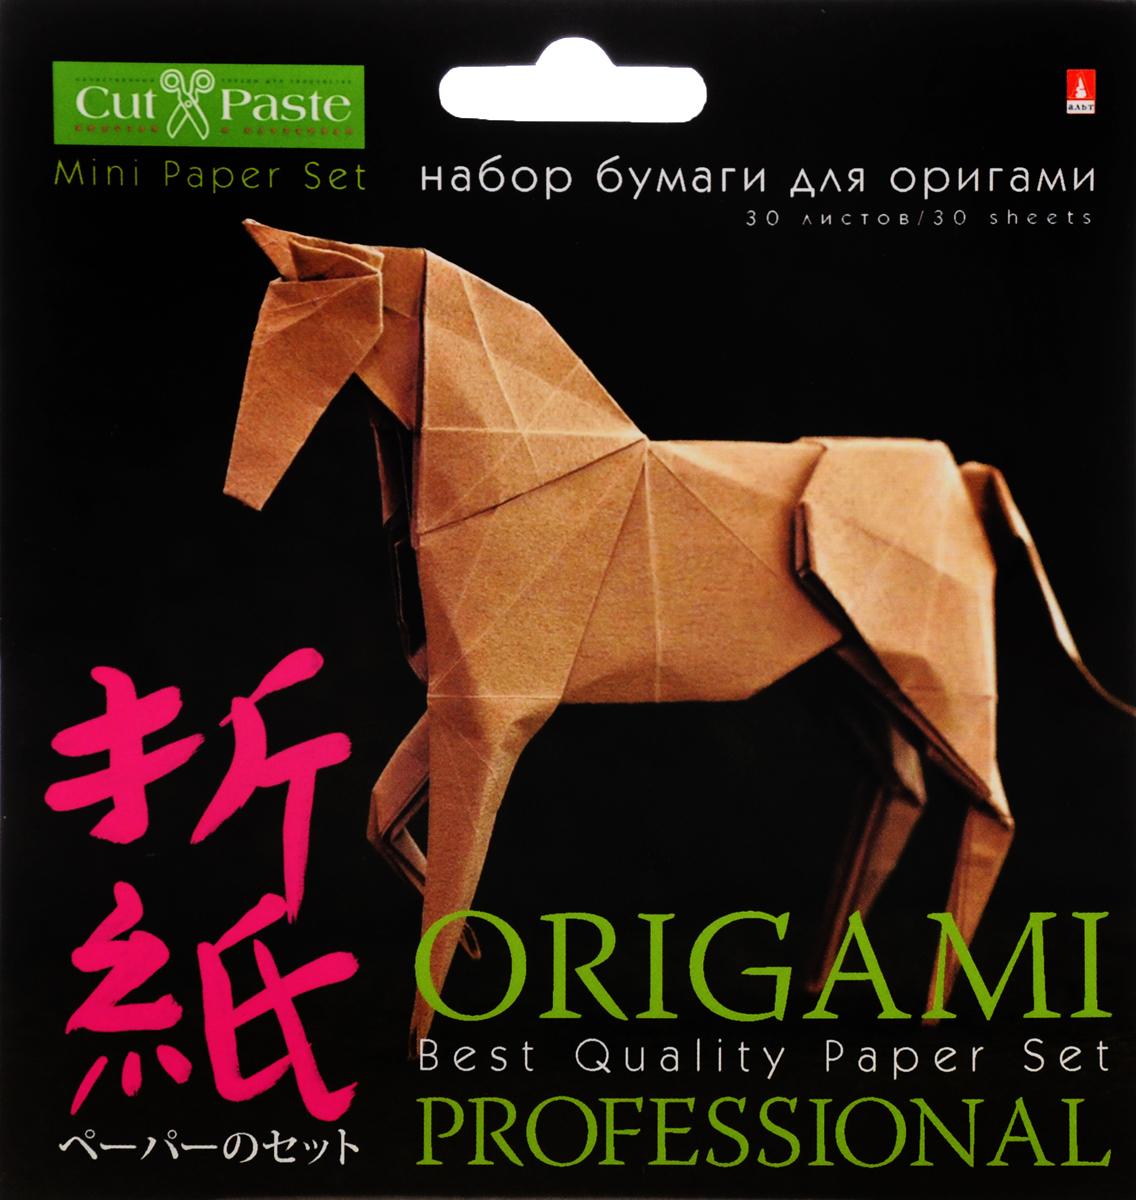 Альт Набор цветной бумаги для оригами 30 листов набор альт набор для оригами всплеск цвета 20 20 11 07 180 3